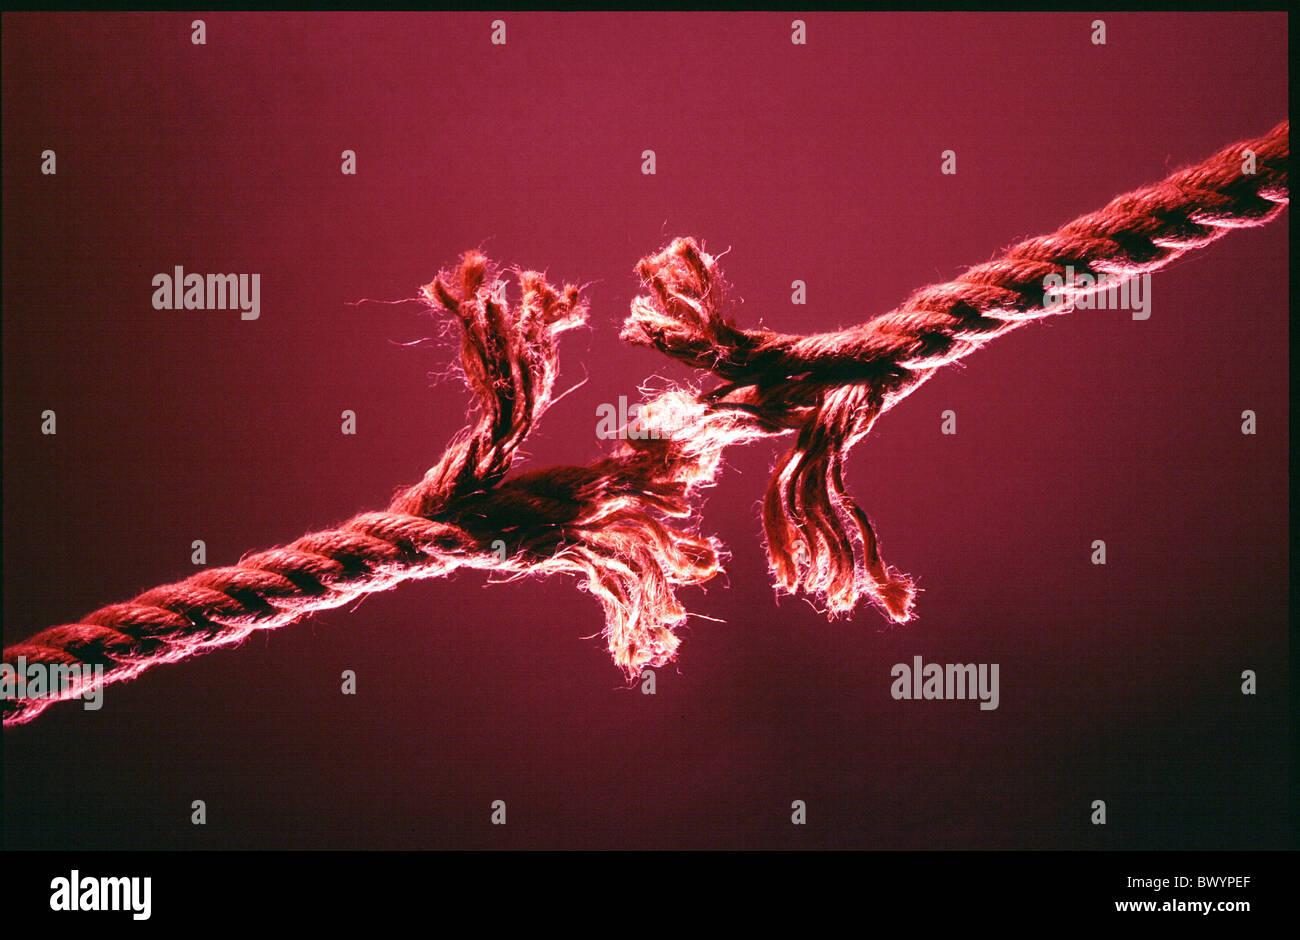 Tearing Rope Stockfotos & Tearing Rope Bilder - Alamy